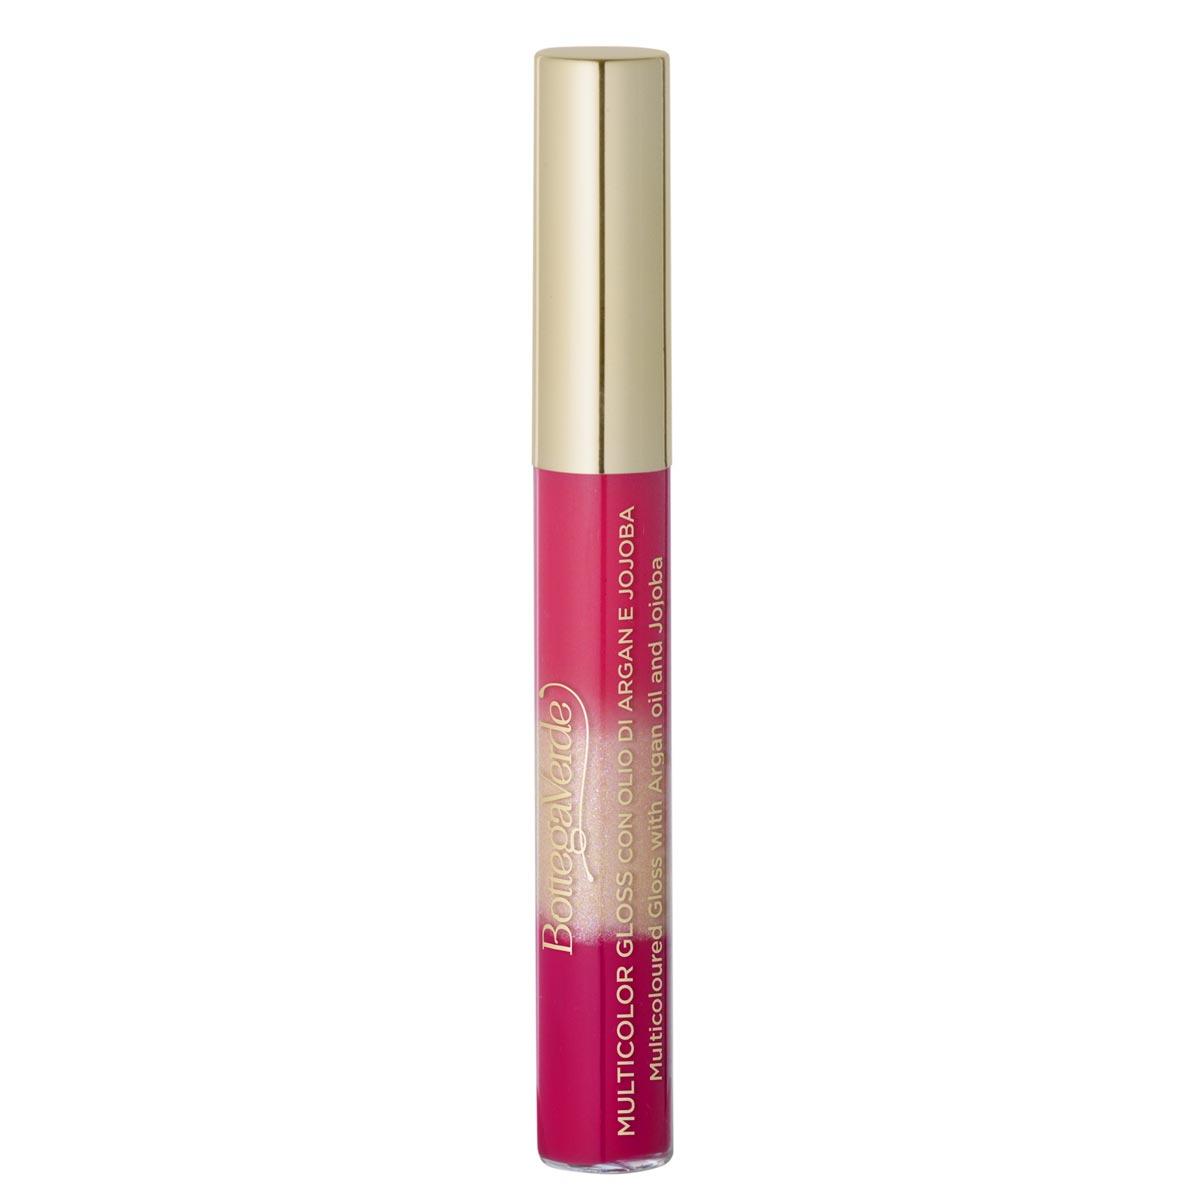 Luciu de buze multicolor cu extract de jojoba si ulei de argan, rosu capsuna, 6.5 ML